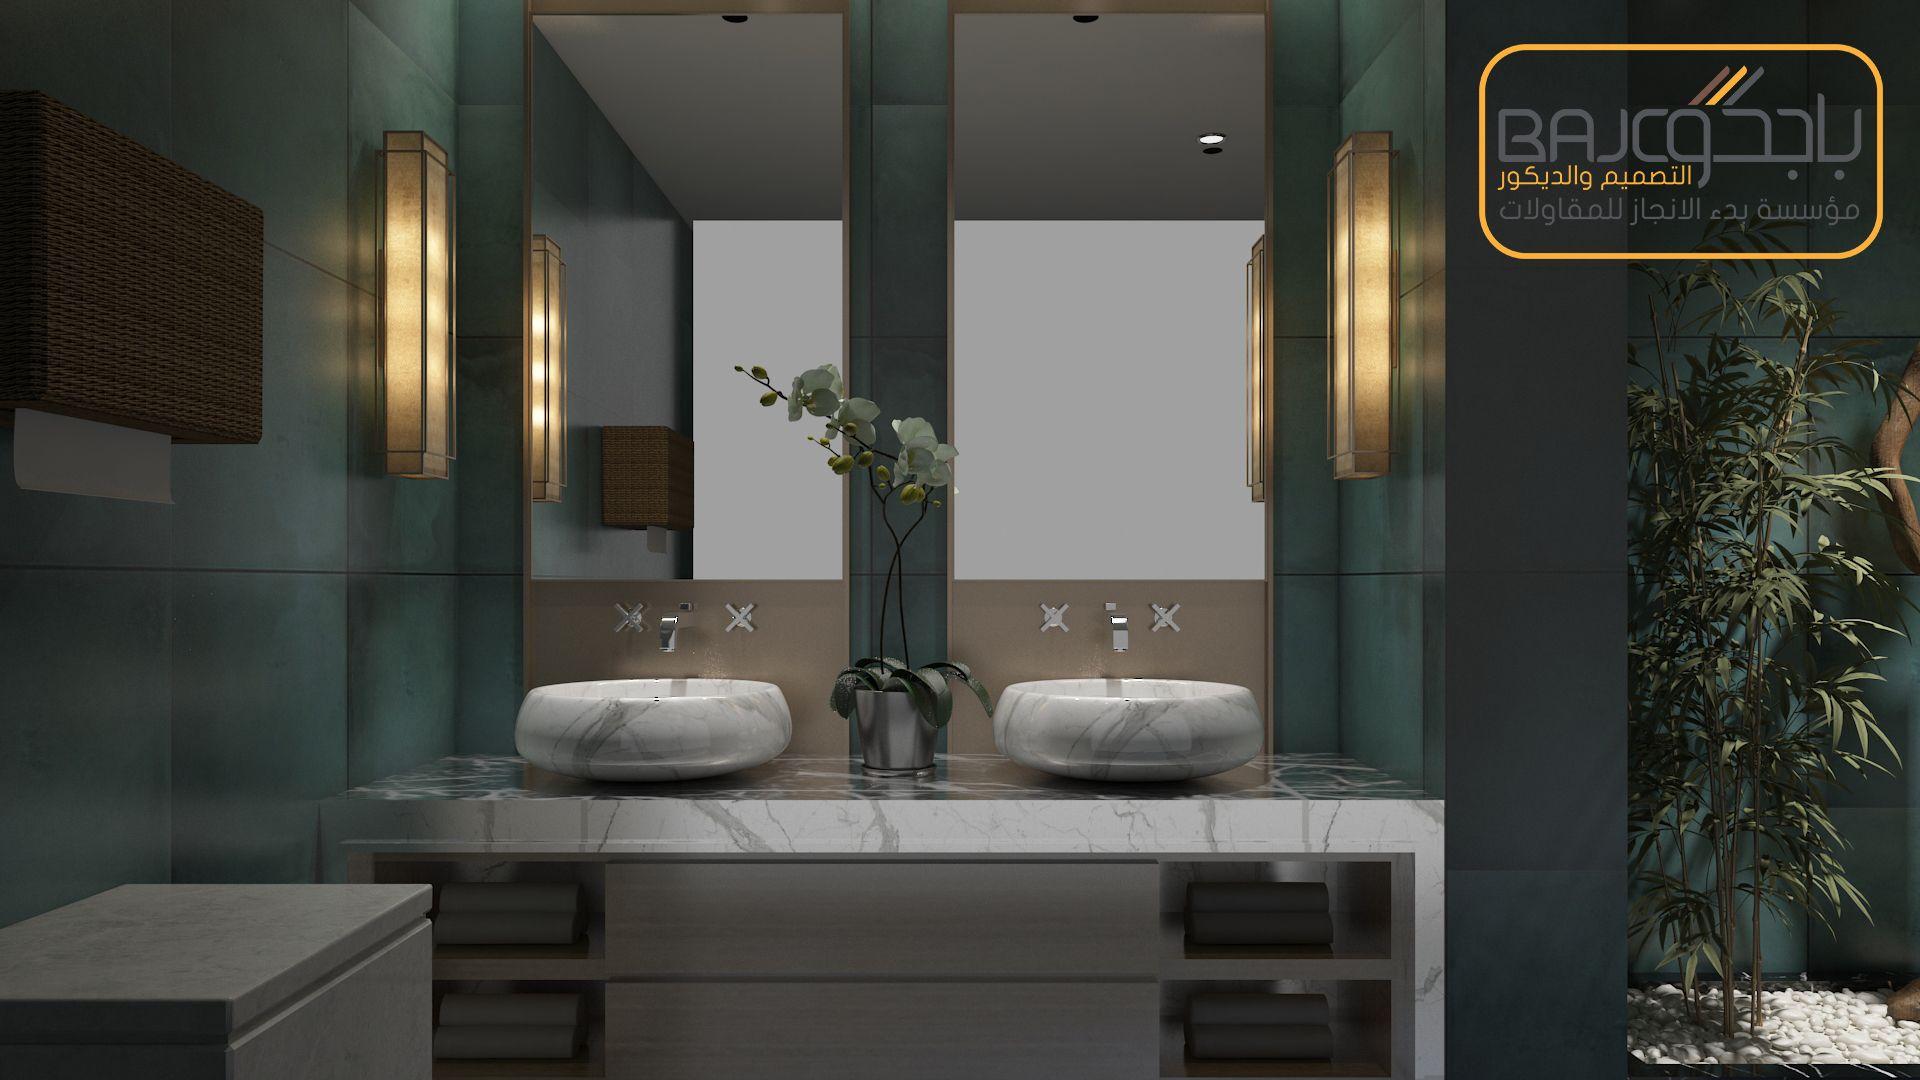 مغسلة ستتواريو Bathroom Lighting Bathroom Mirror Lighted Bathroom Mirror